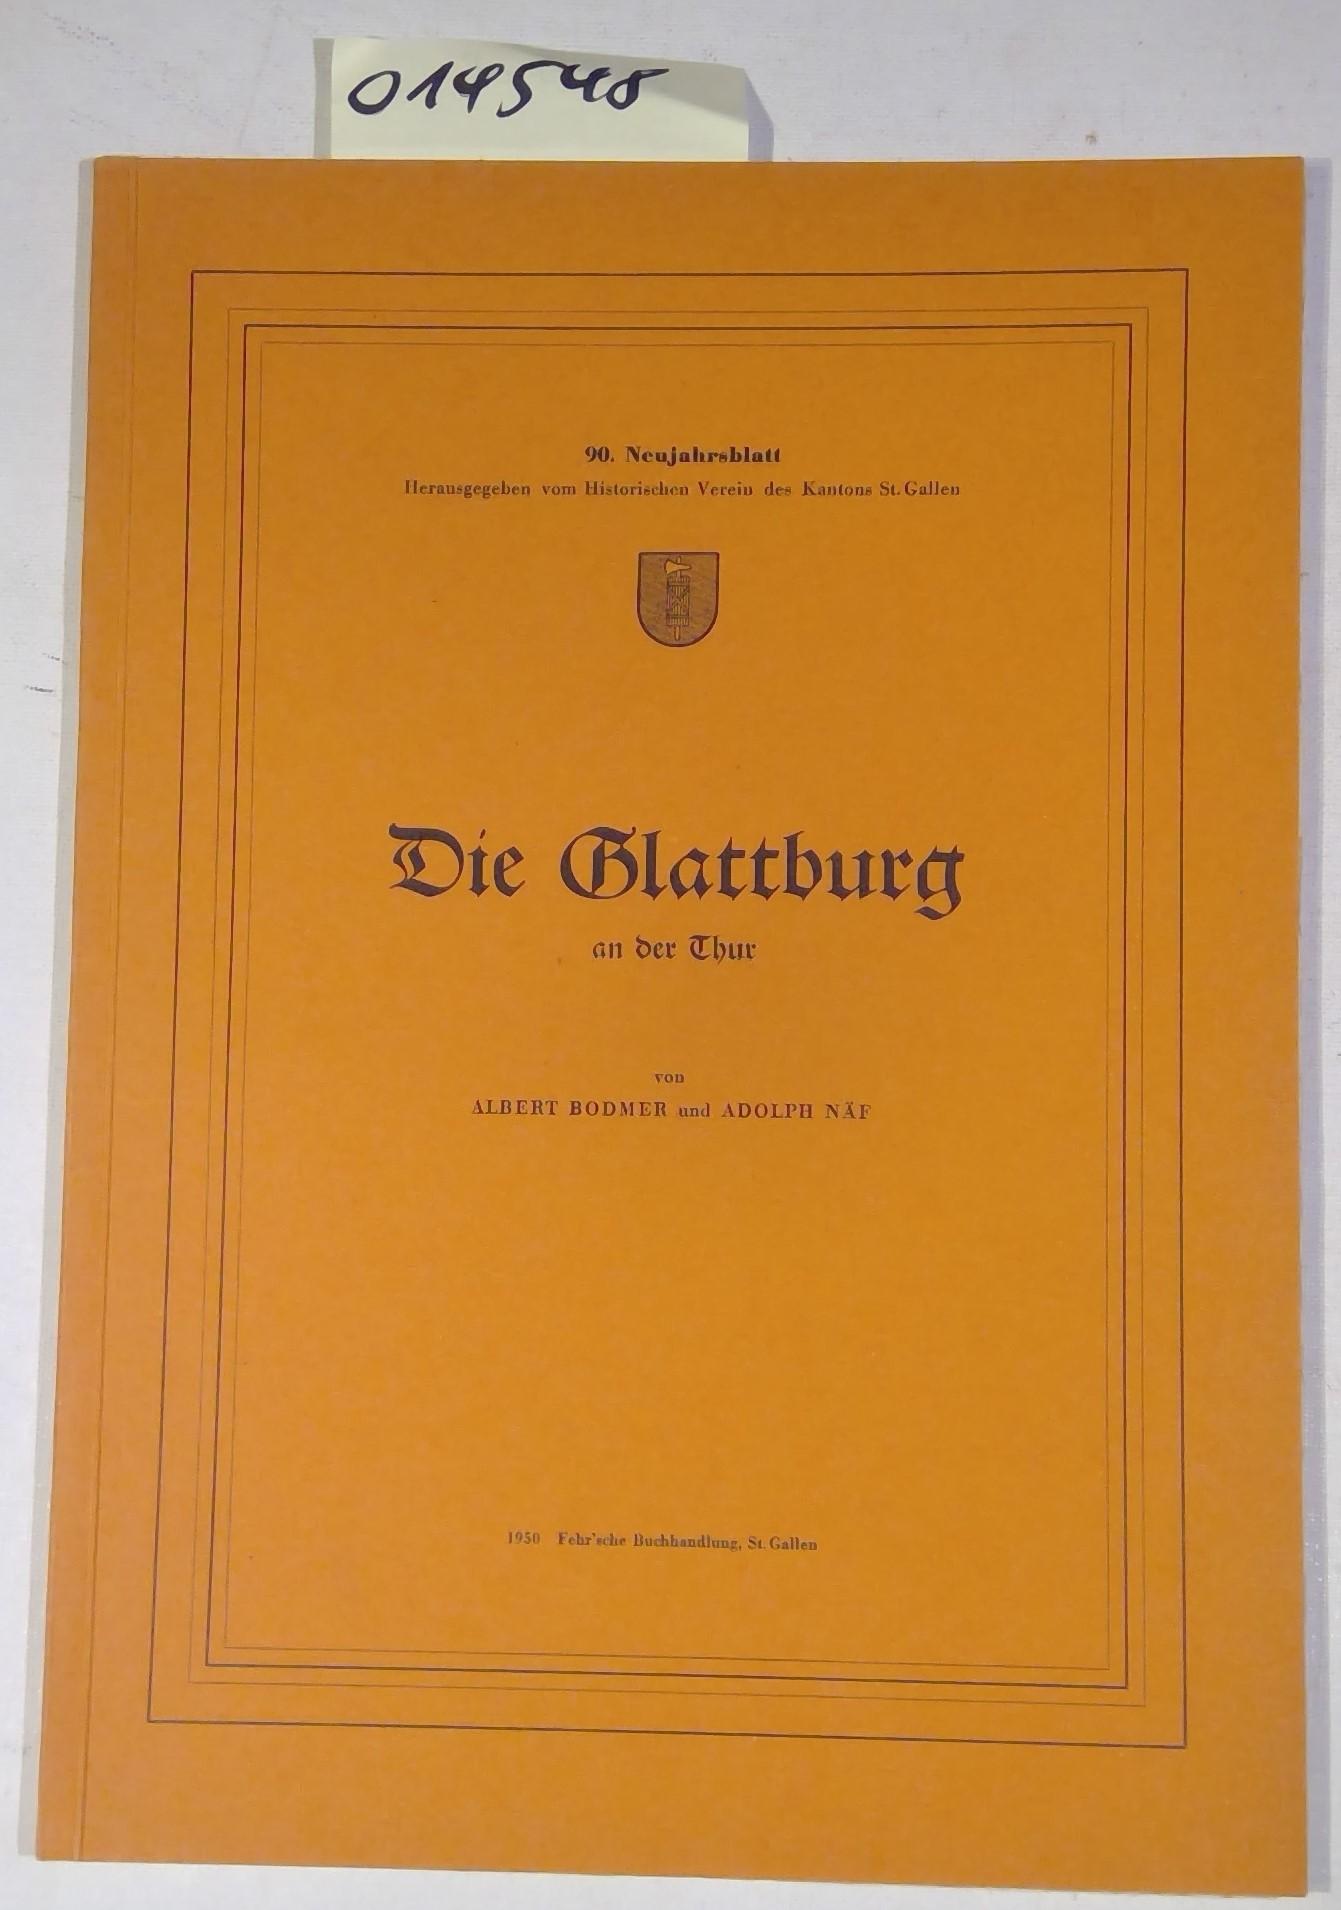 Die Glattburg an der Thur - 90.: Bodmer, Albert /